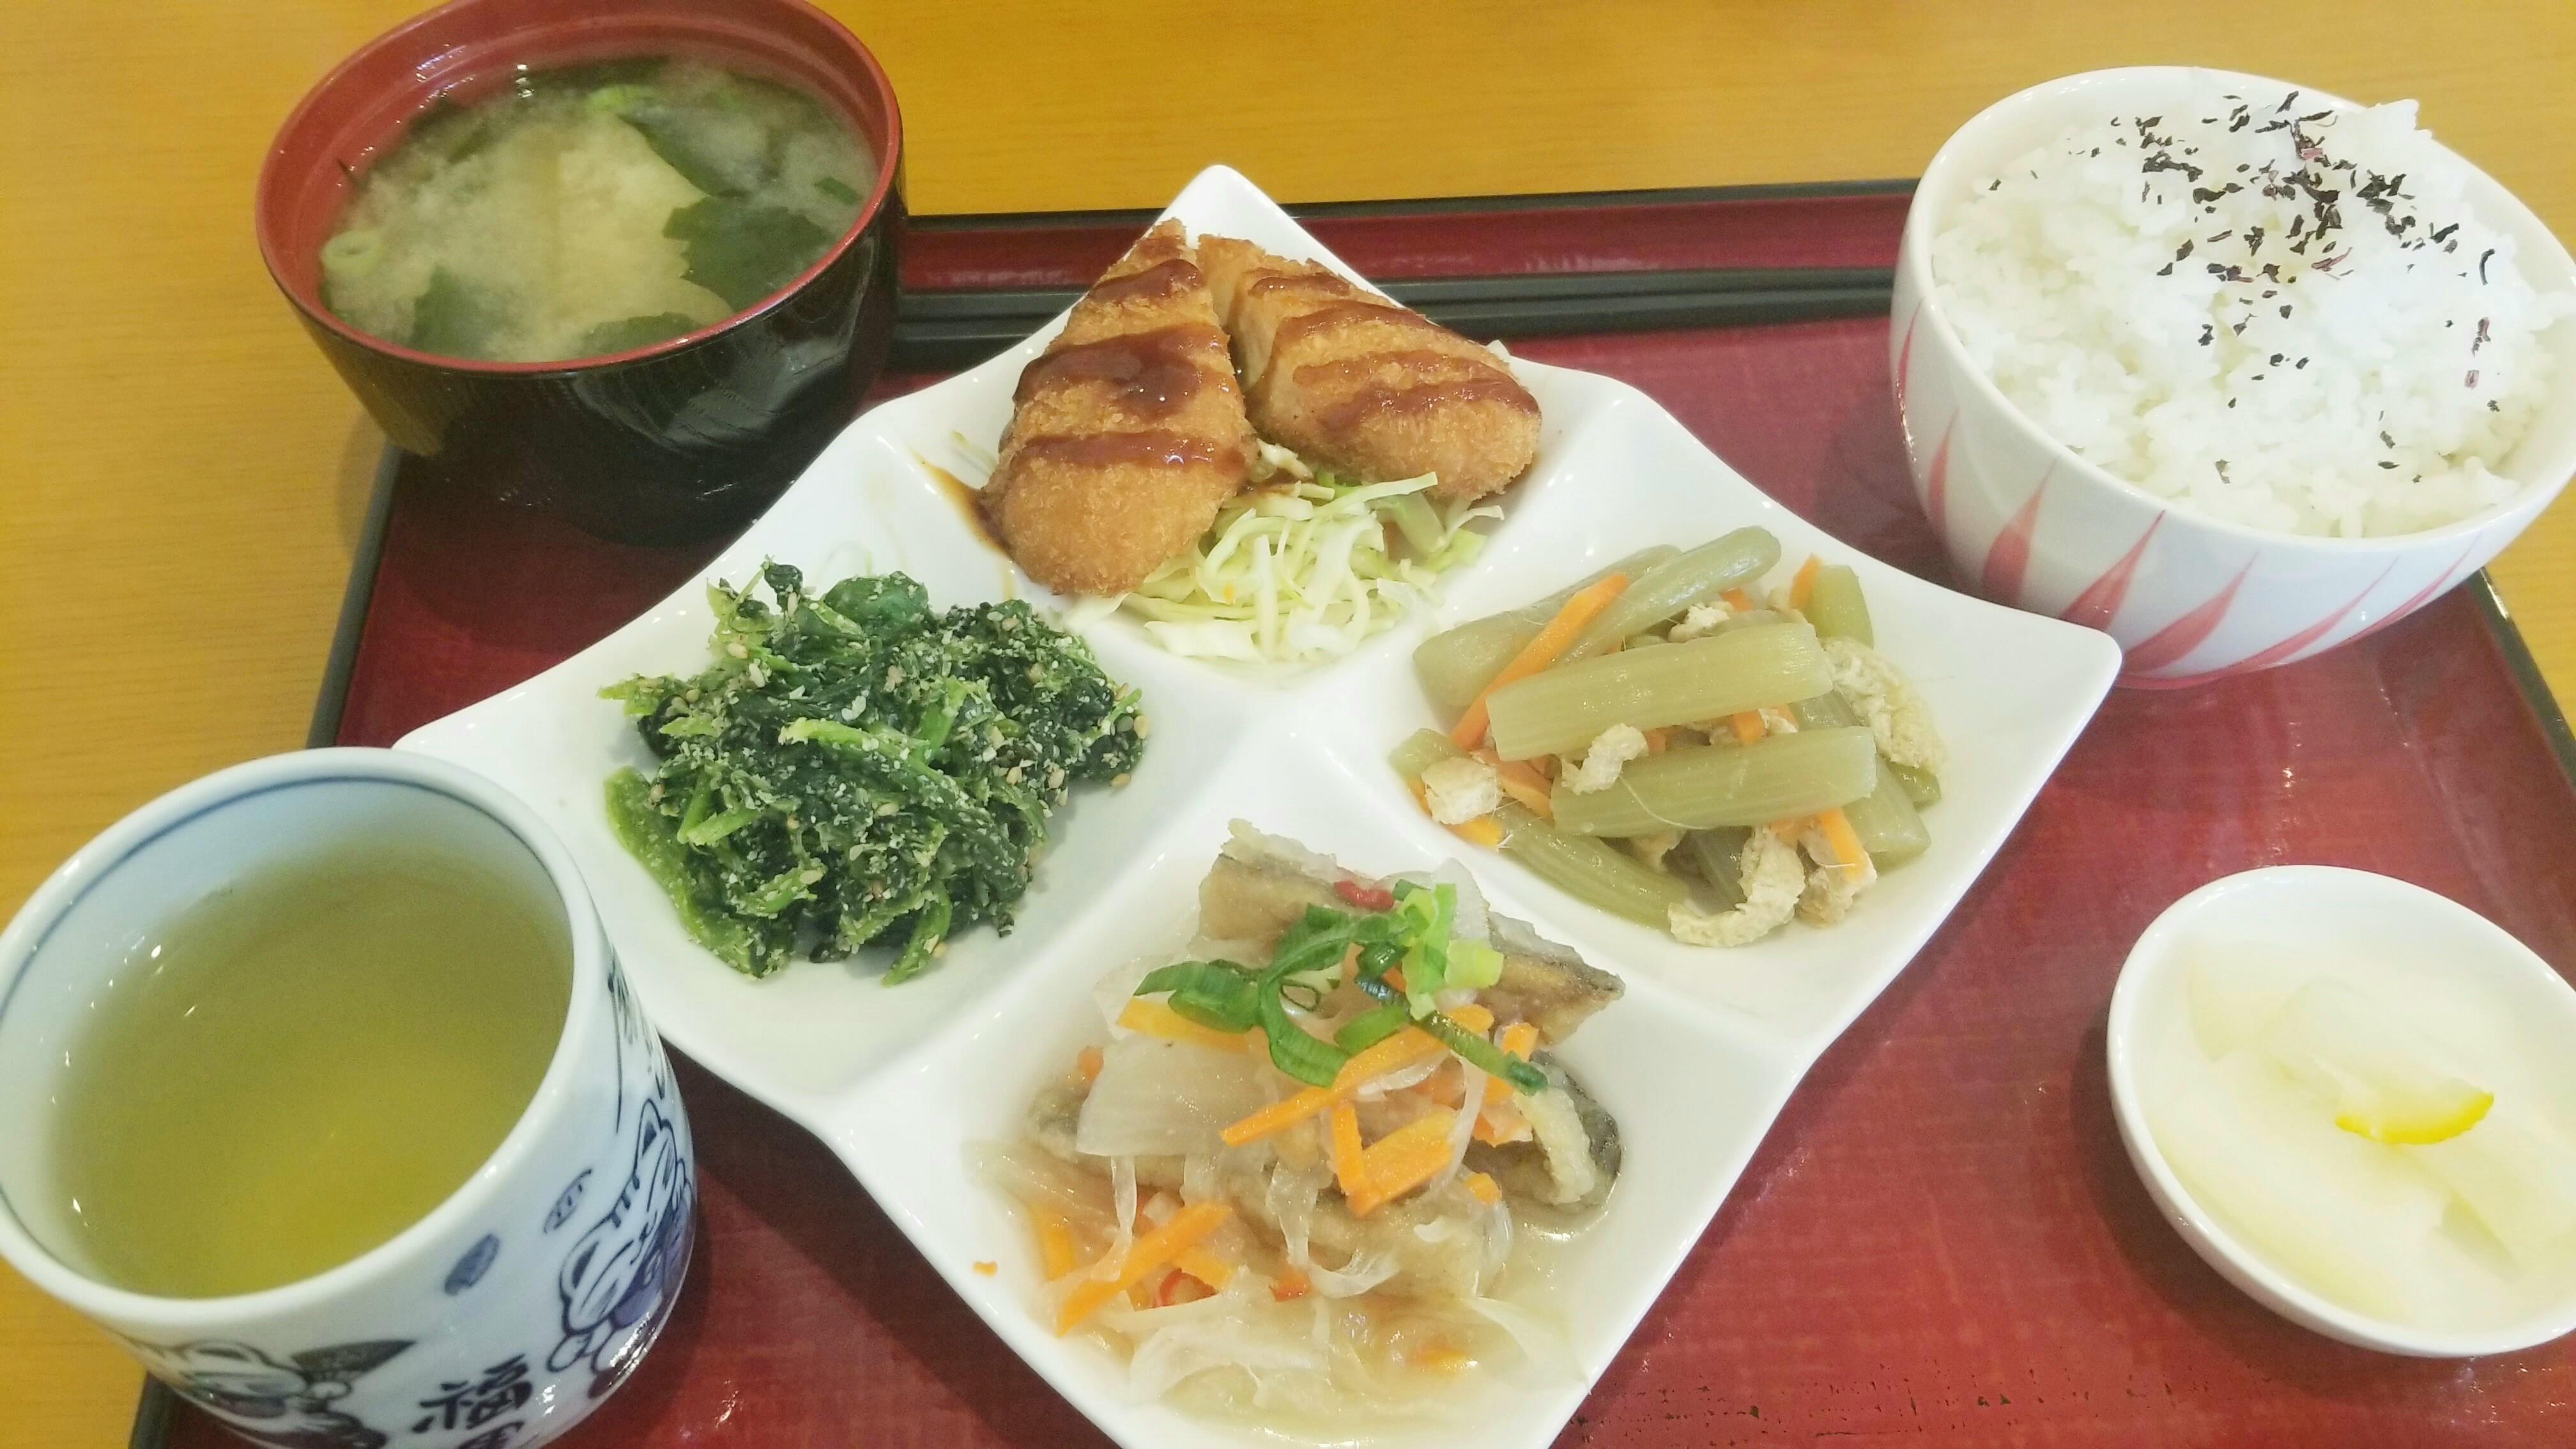 松山市安くて美味しい日替わりランチ定食屋人気カフェ喫茶店こころ